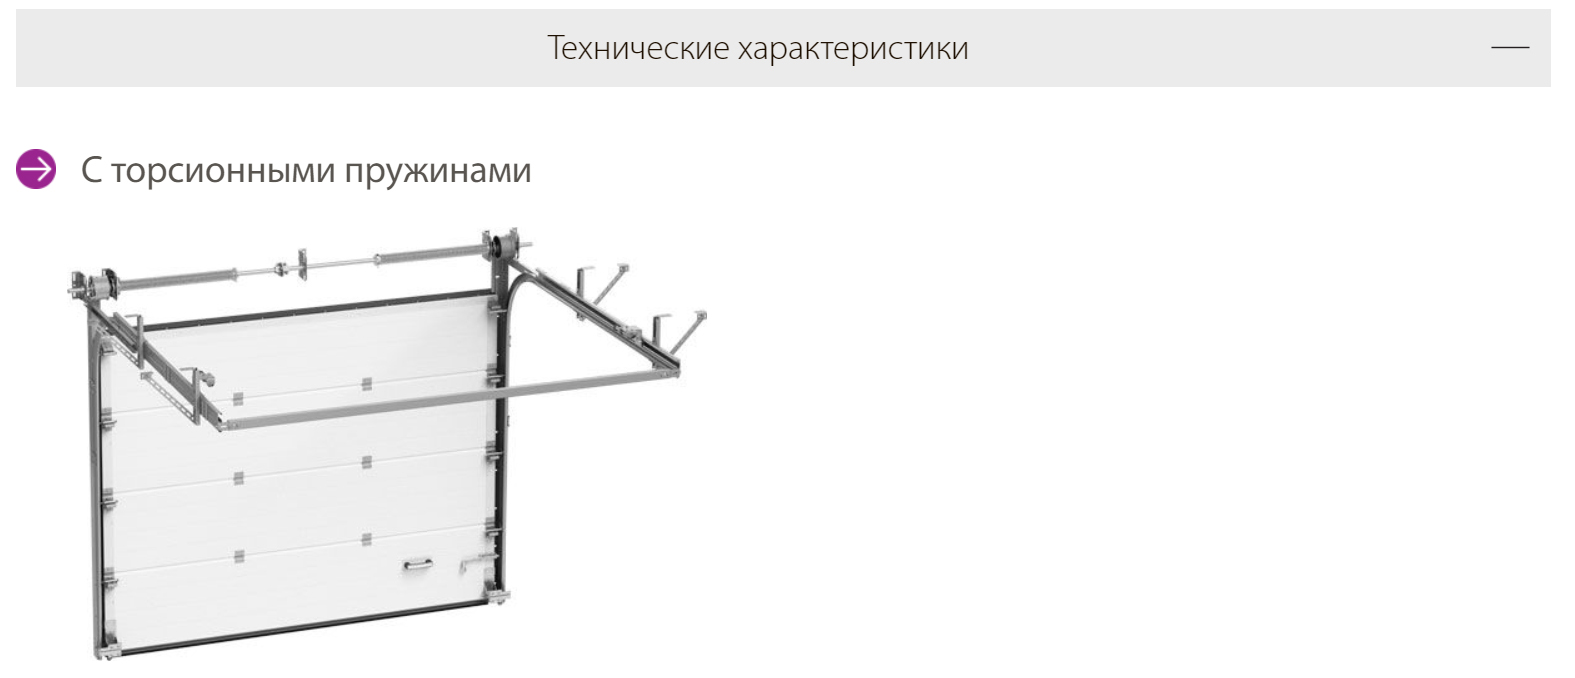 ProTrend промышленные секционные ворота